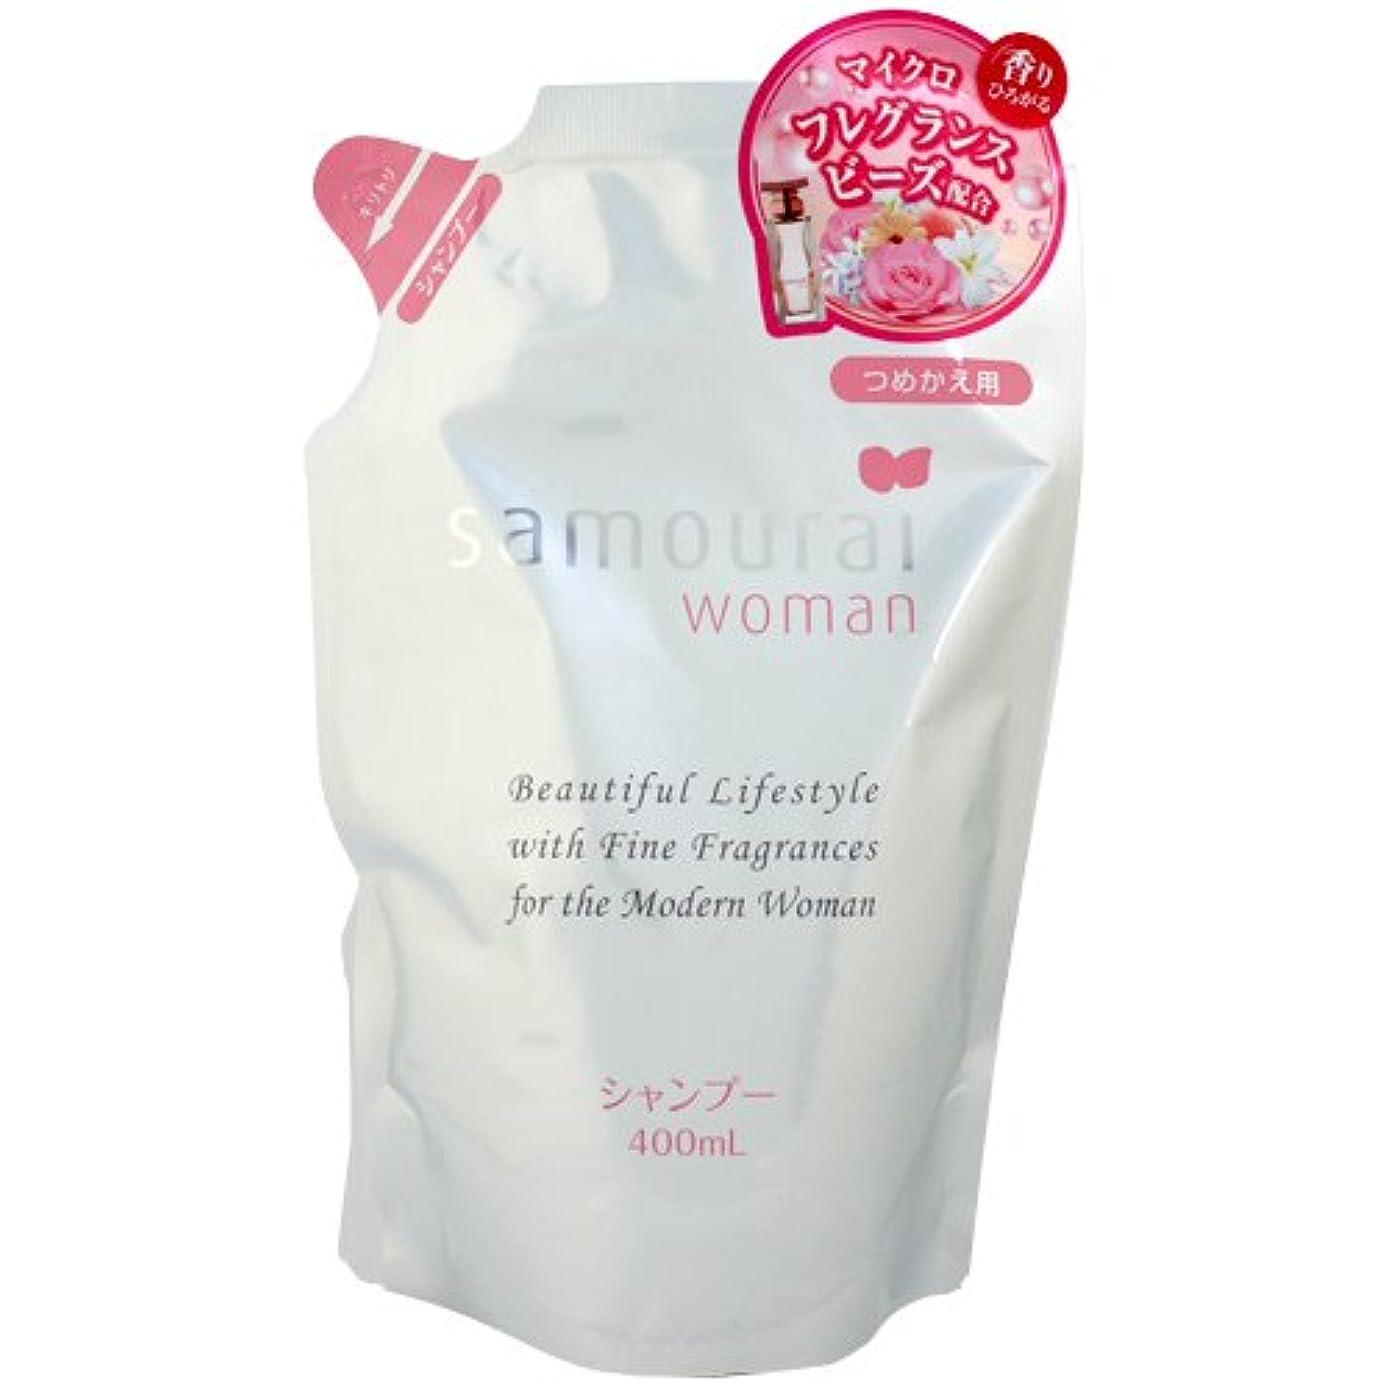 芸術によると一掃するアランドロン サムライウーマン シャンプー 【詰め替え用】 サムライウーマンの香り 400mL